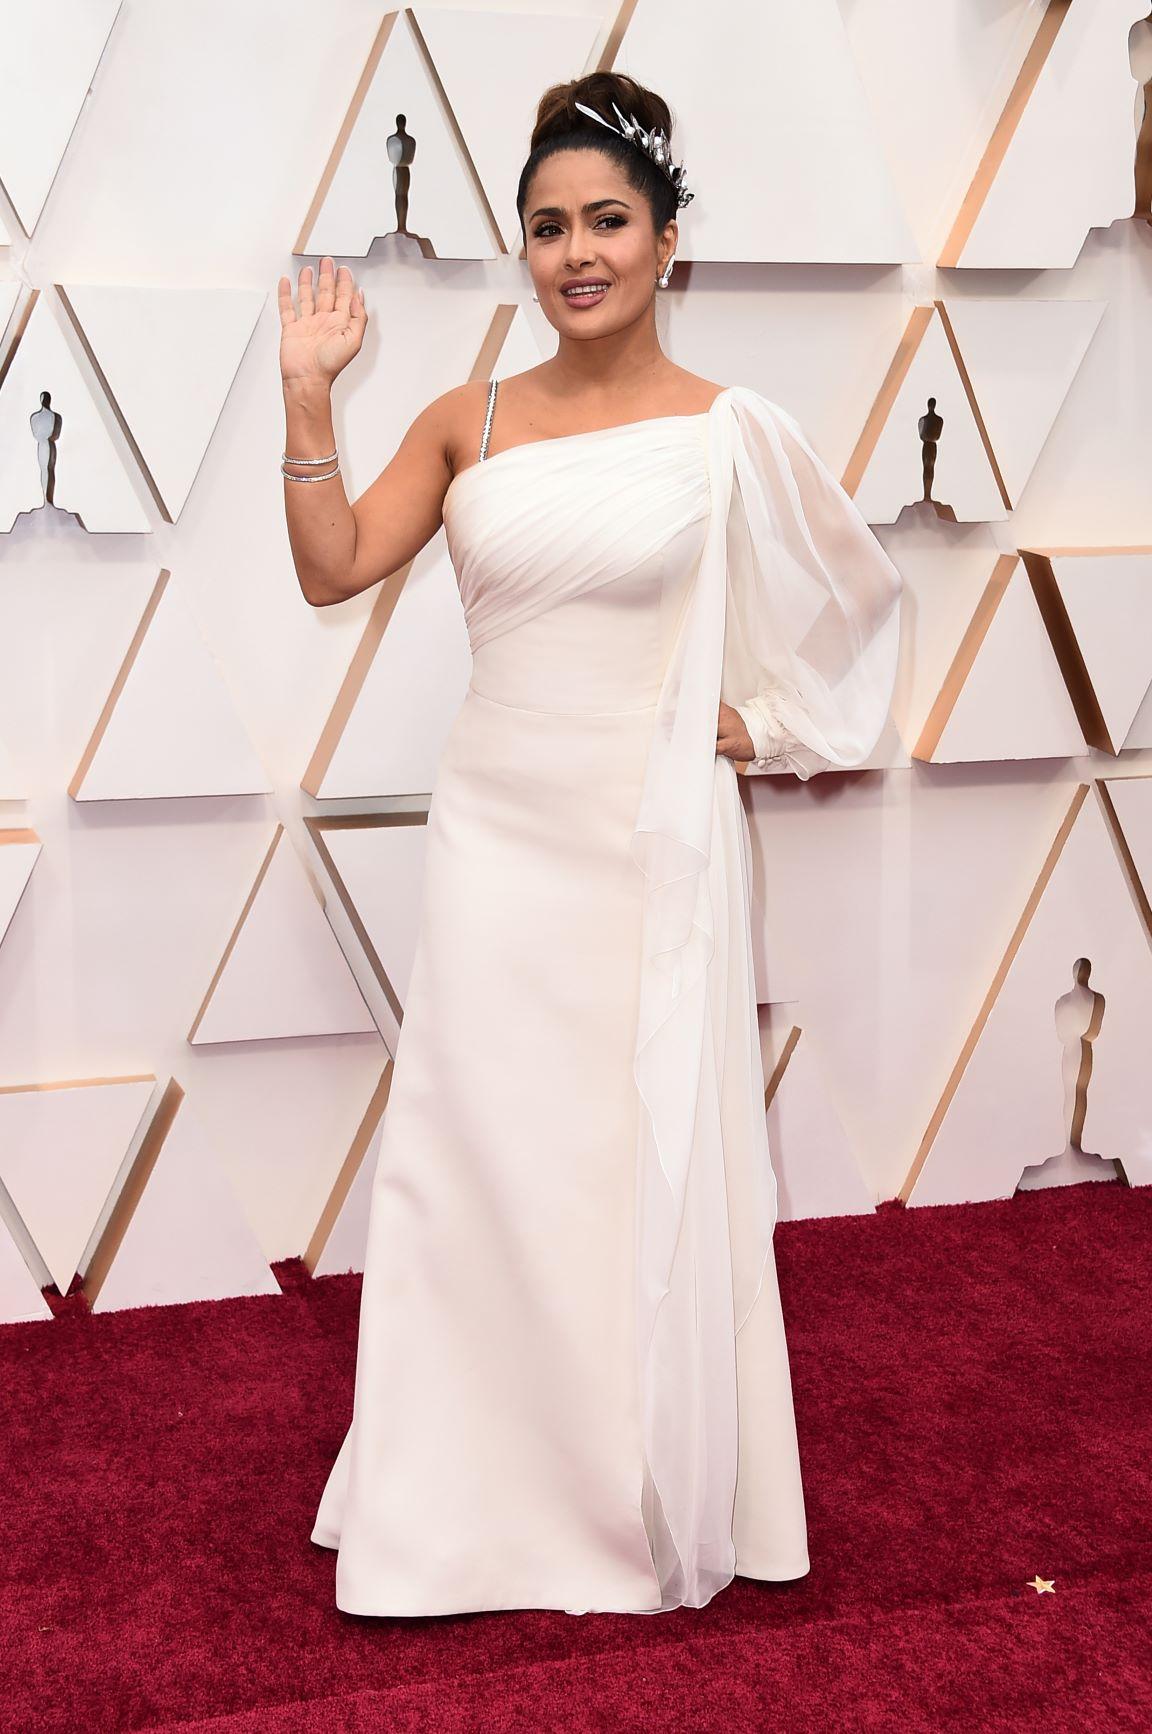 La actriz Salma hayek optó por un vestido blanco de Gucci. (AP)